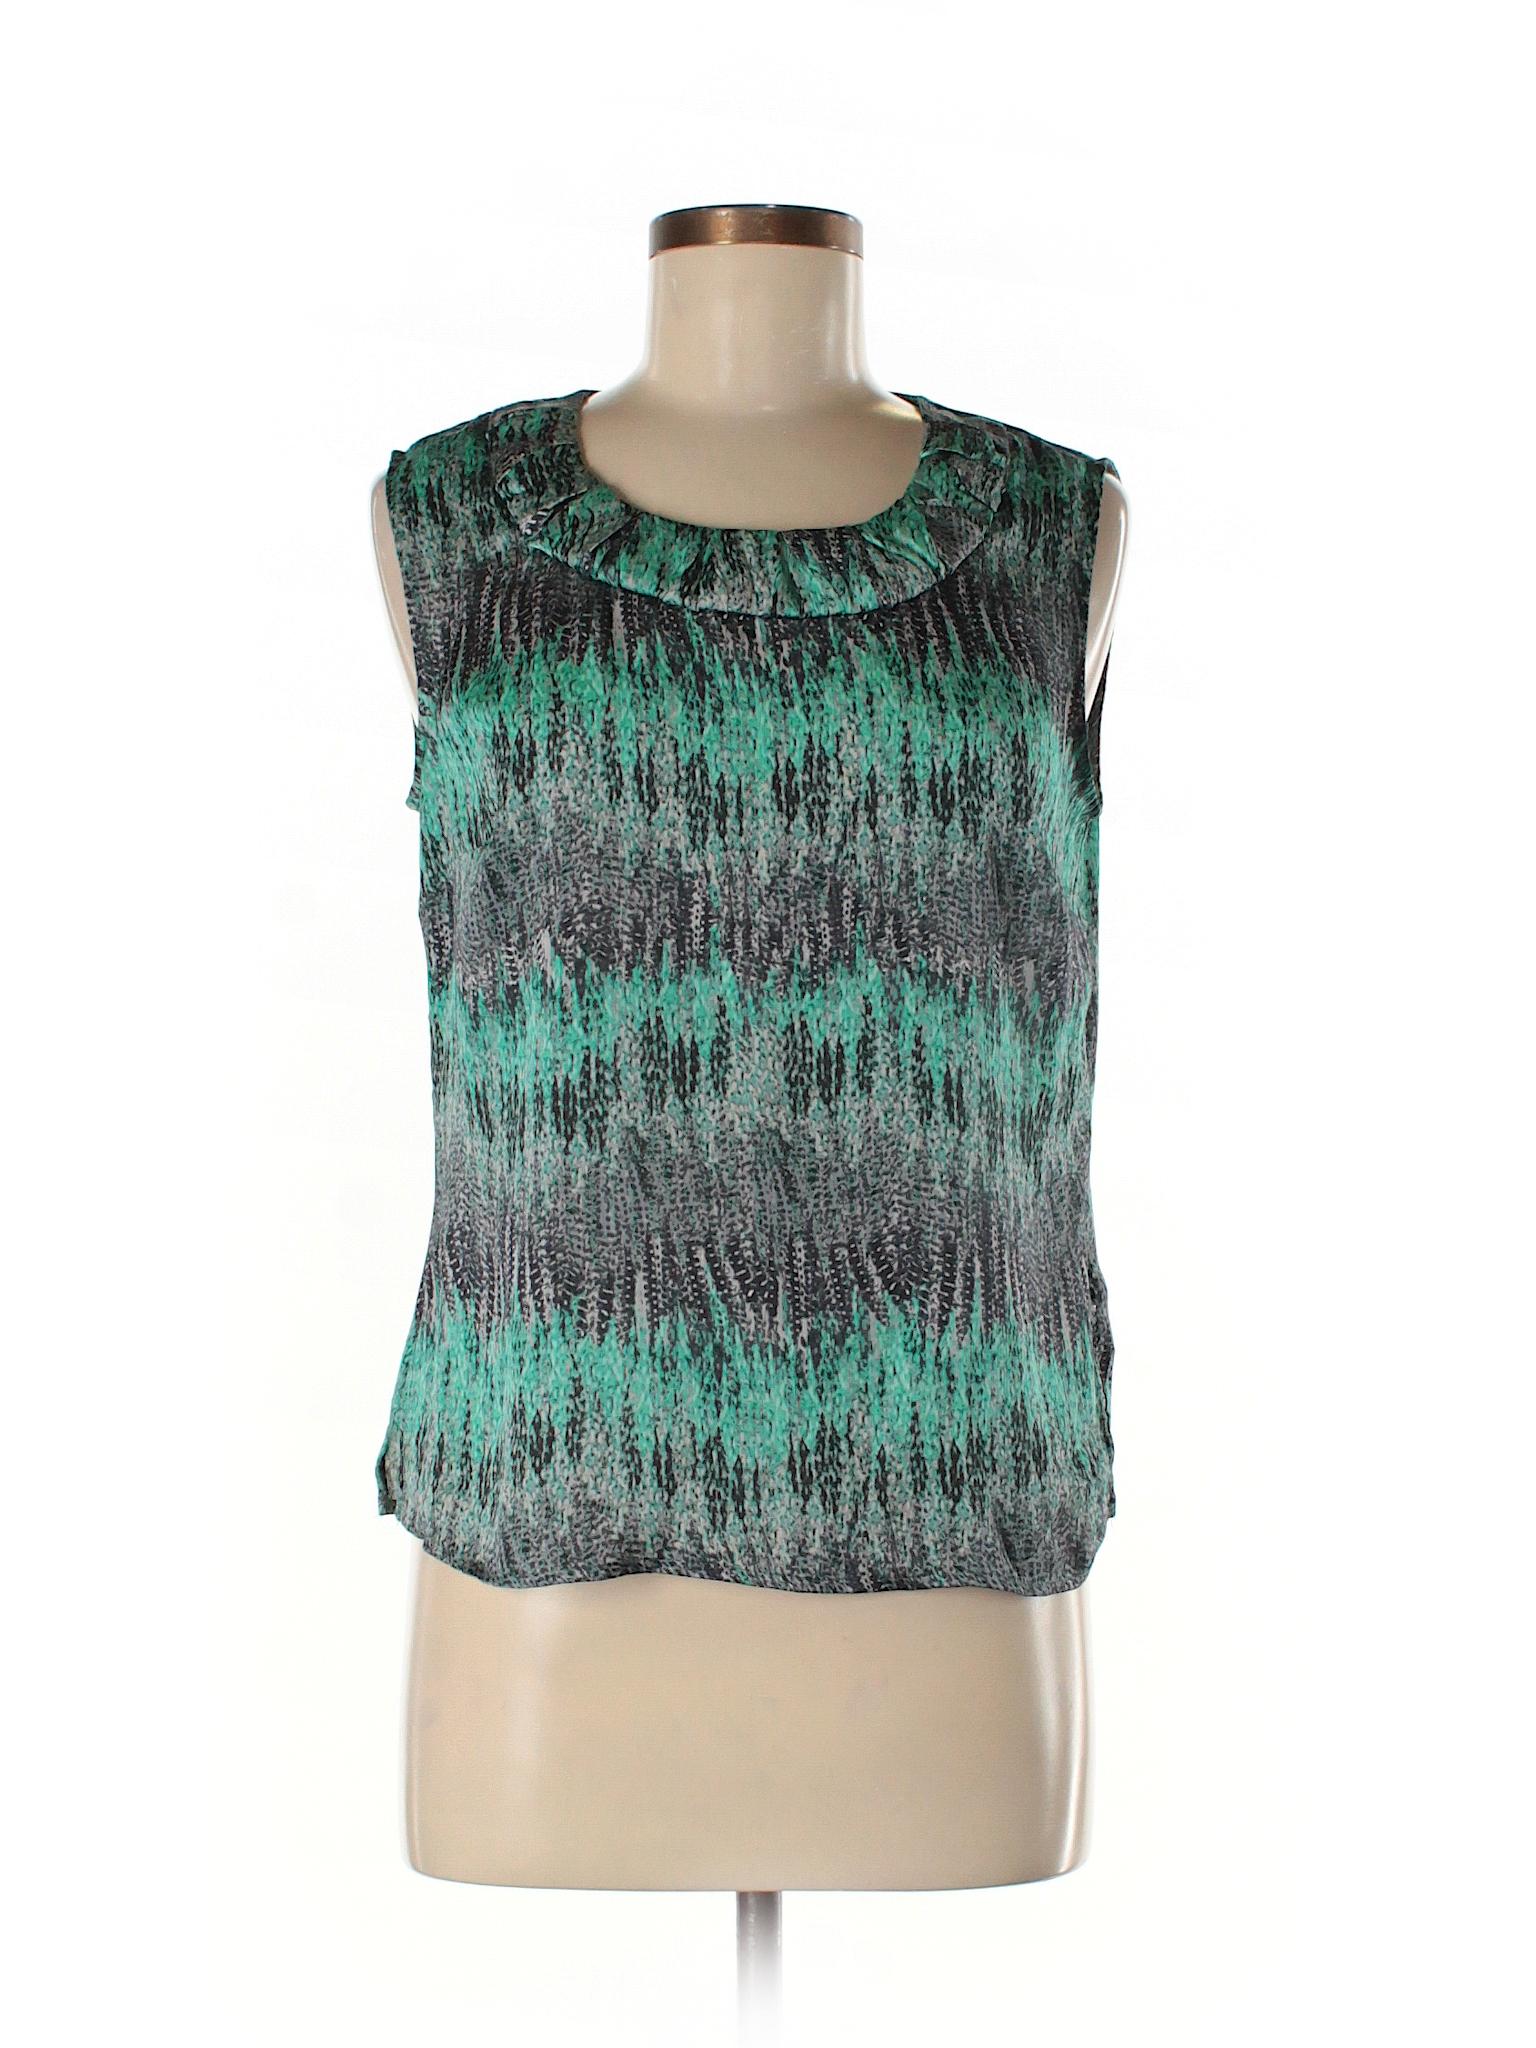 f33d9e6877066 Kasper 100% Polyester Print Teal Sleeveless Blouse Size M (Petite ...